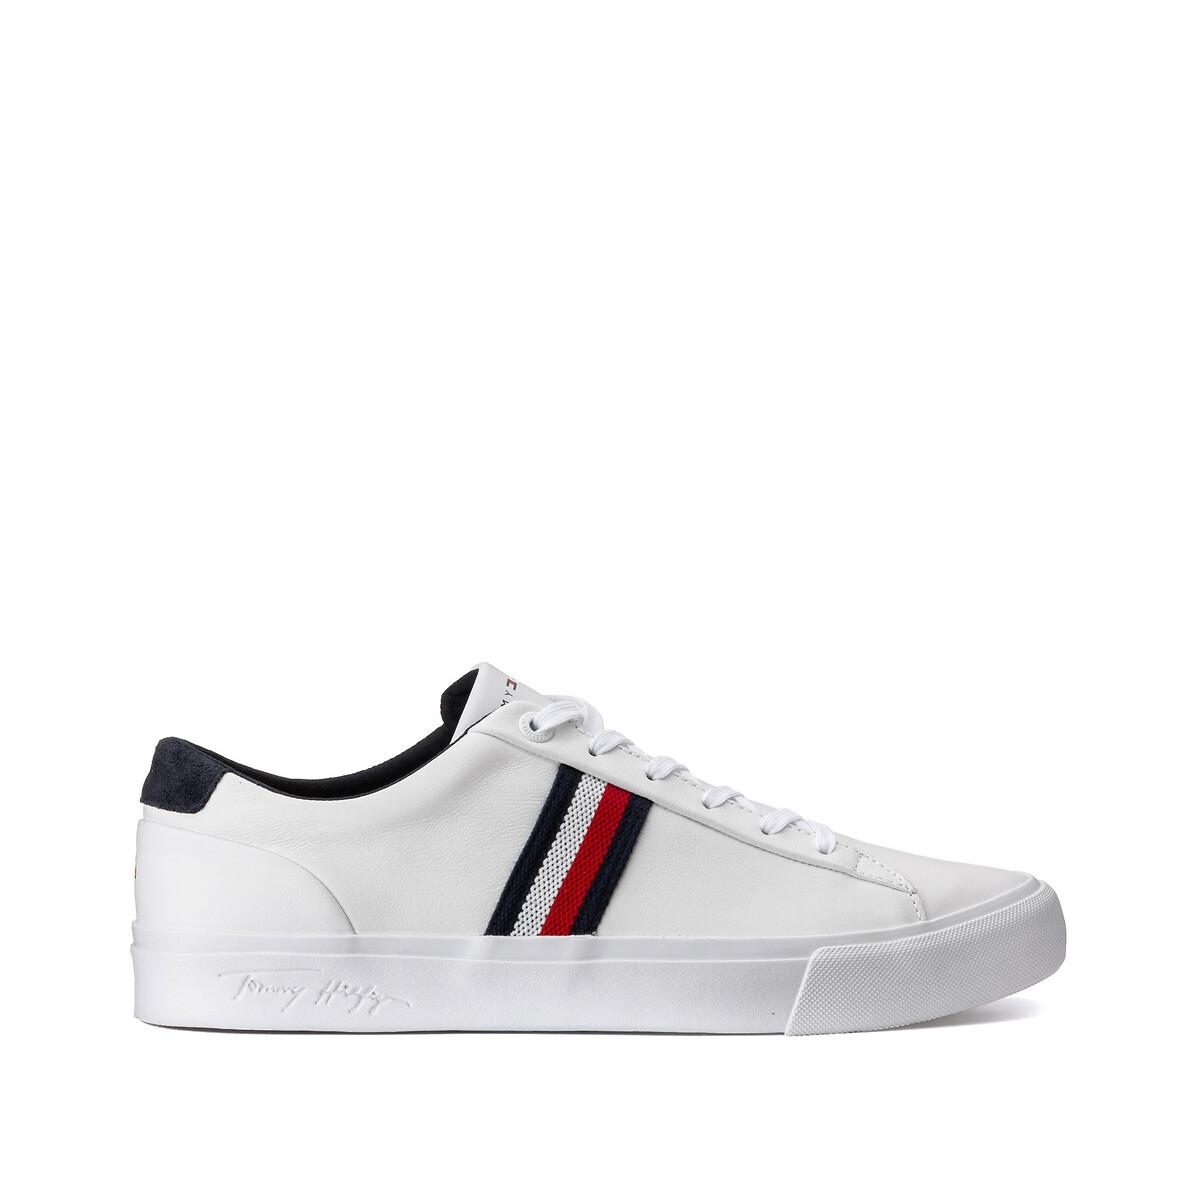 Tommy Hilfiger Corporate Leren sneakers met zijlogo in wit online kopen